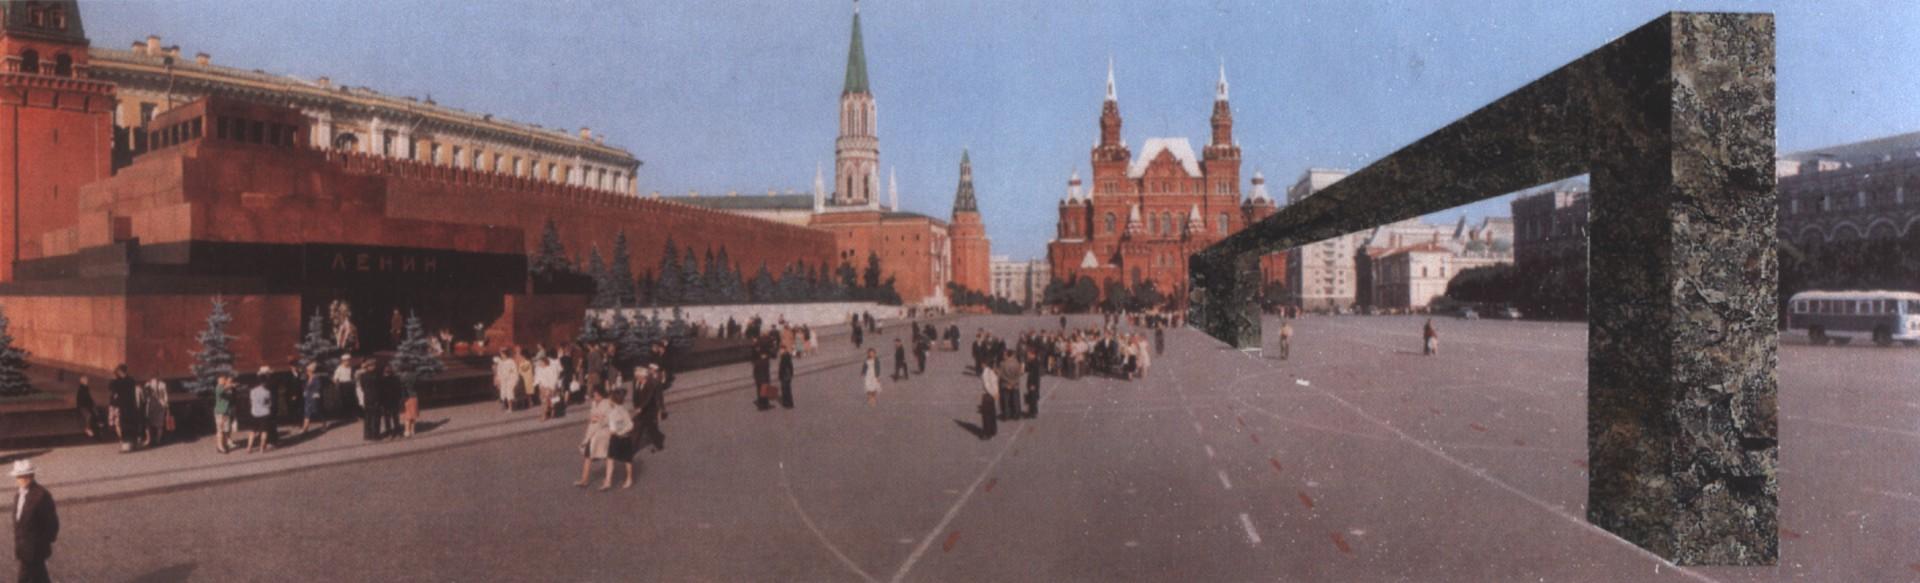 Museum auf dem Roten Platz in Moskau